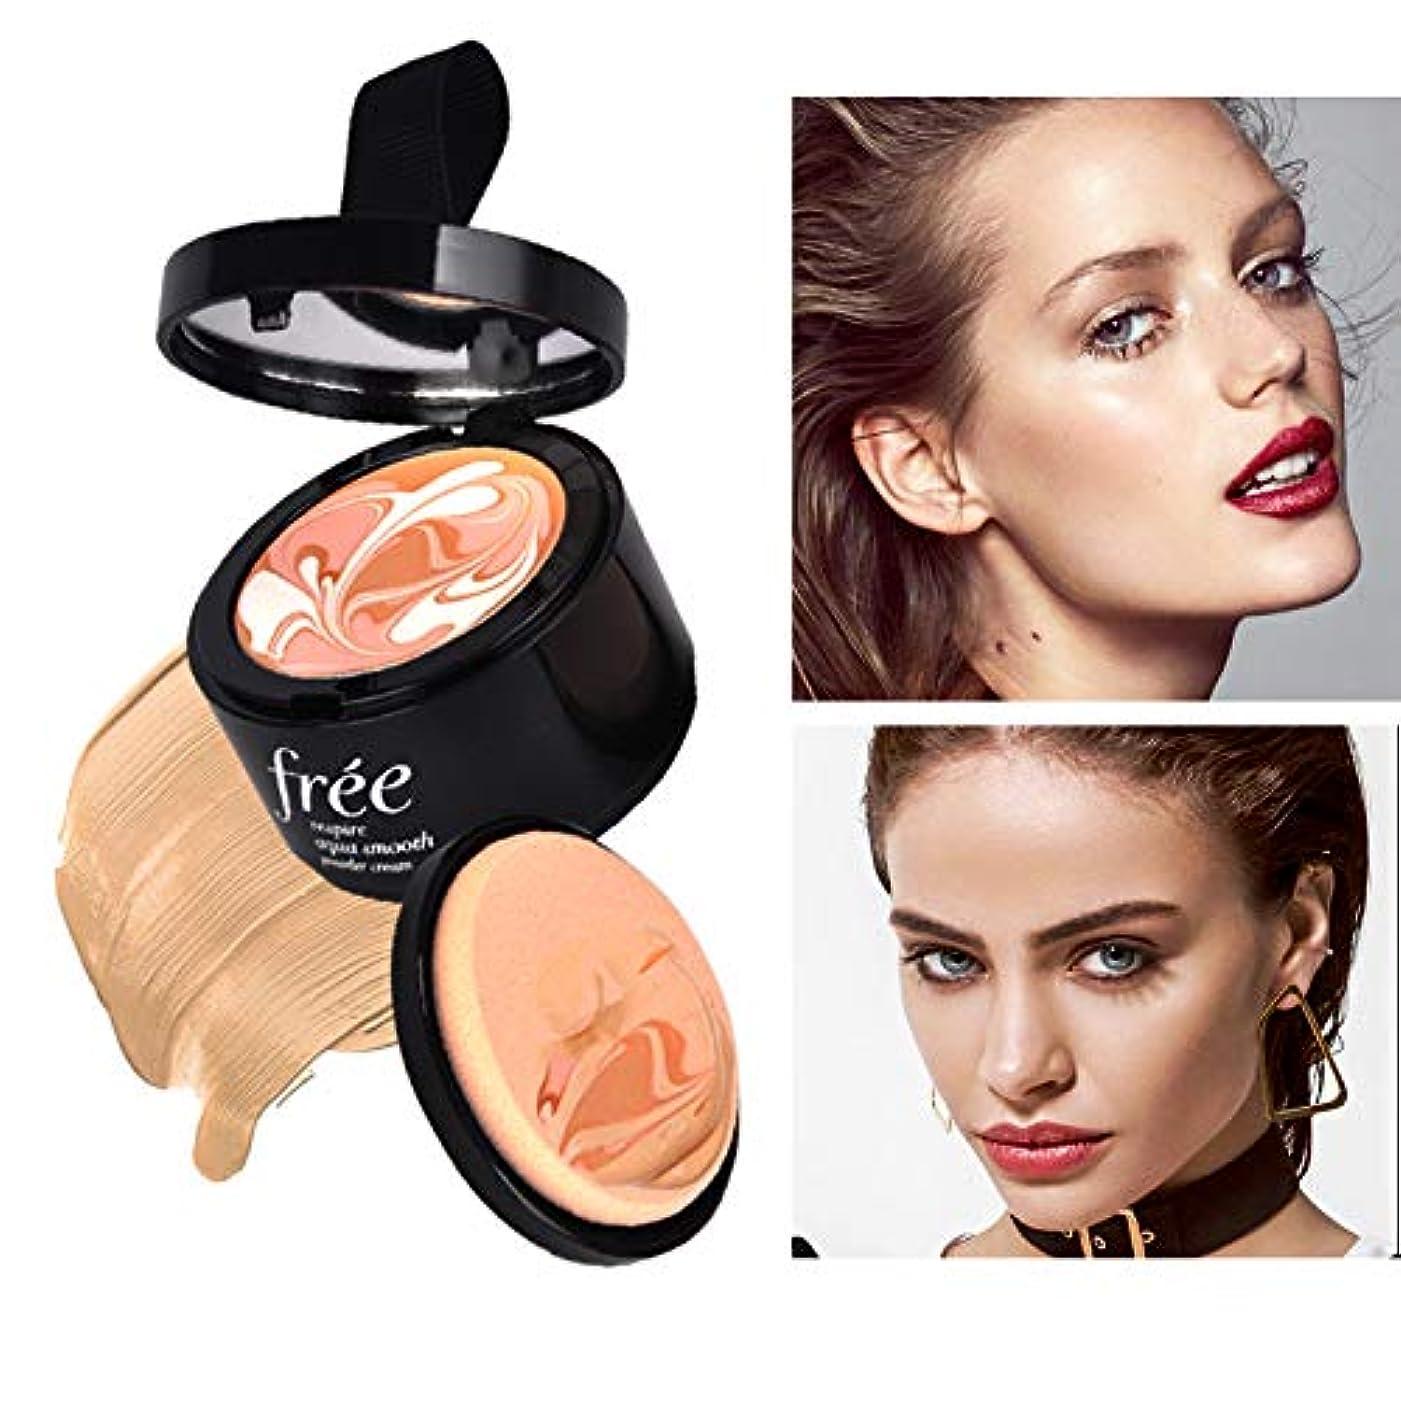 クリスマス動力学包帯Foundation Cream Concealer moisturizing Whitening flawless makeup For Face Beauty Base Makeup ファンデーションクリームコンシーラーモイスチャライジングホワイトニングフェイシャルメイクアップフェイシャルビューティベースメイクアップ